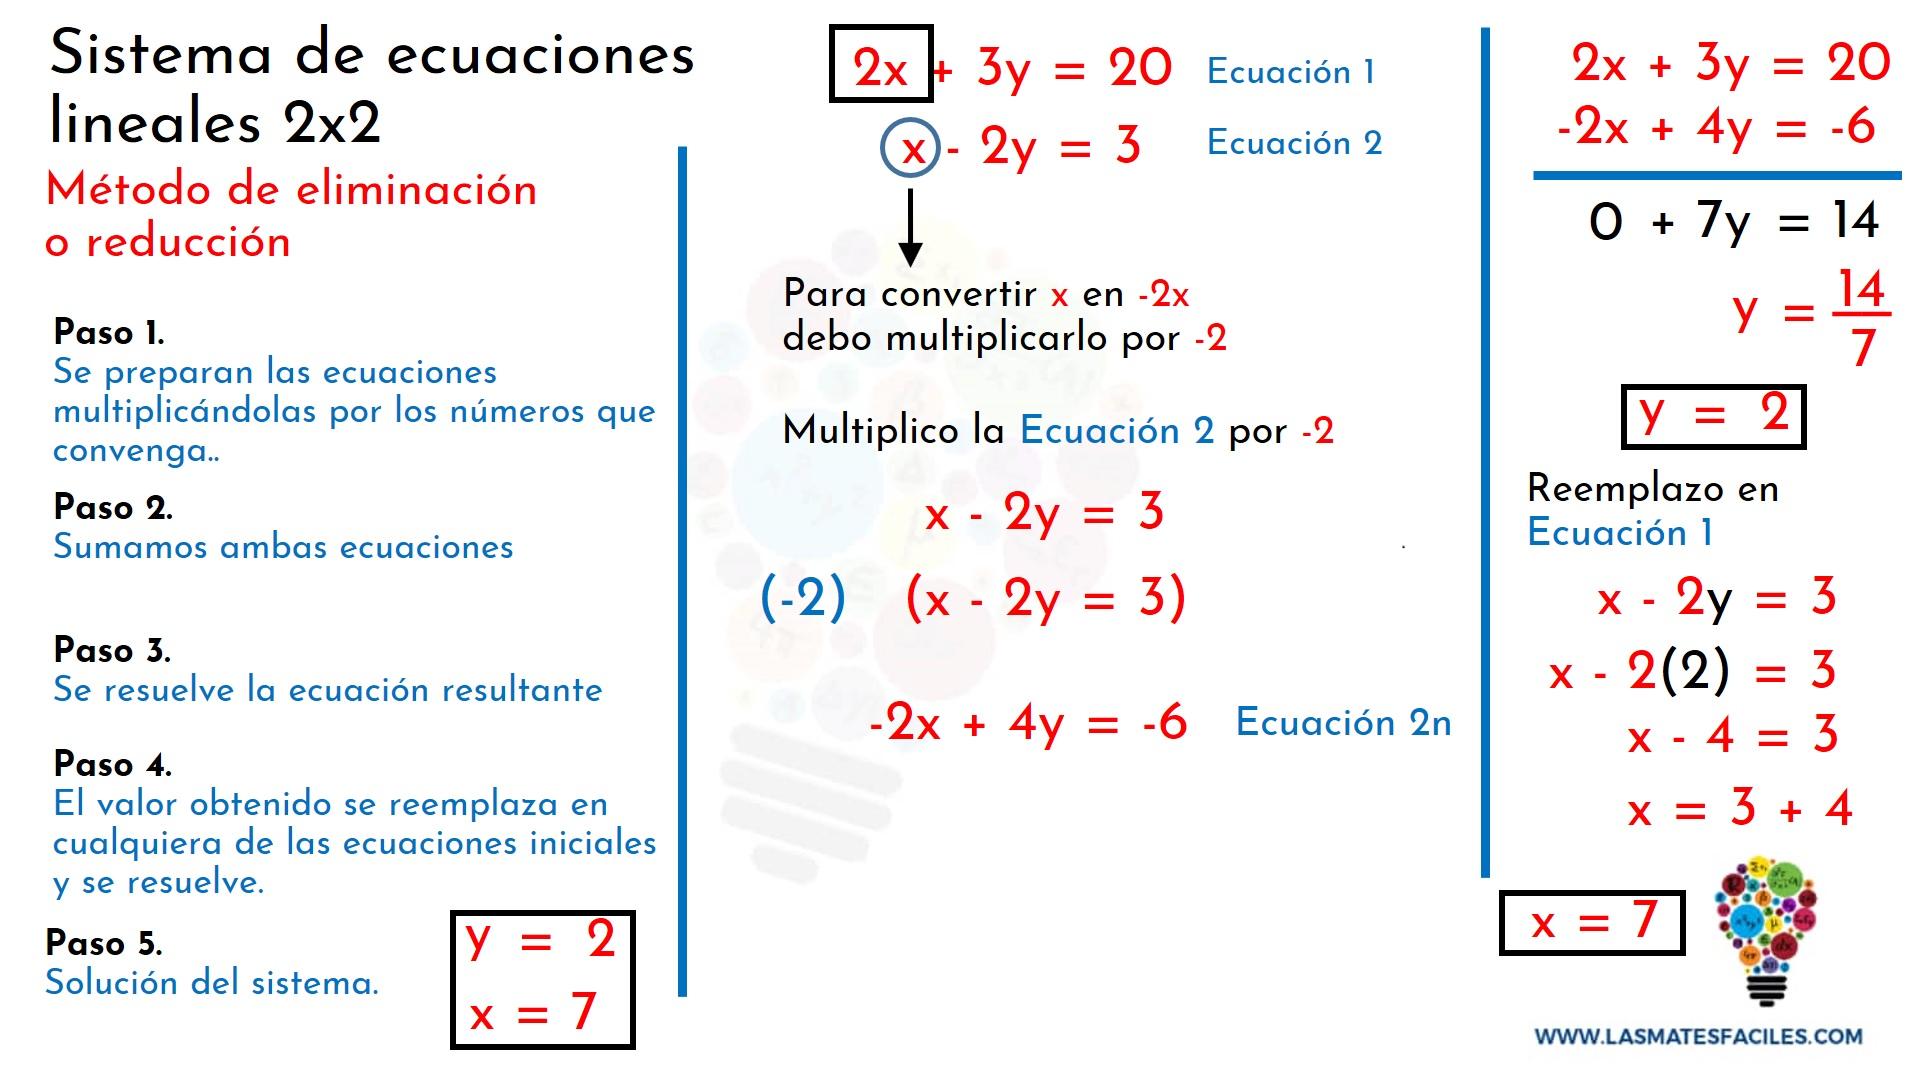 Sistema De Ecuaciones 2x2 Método De Eliminación Reducción Mates Fáciles